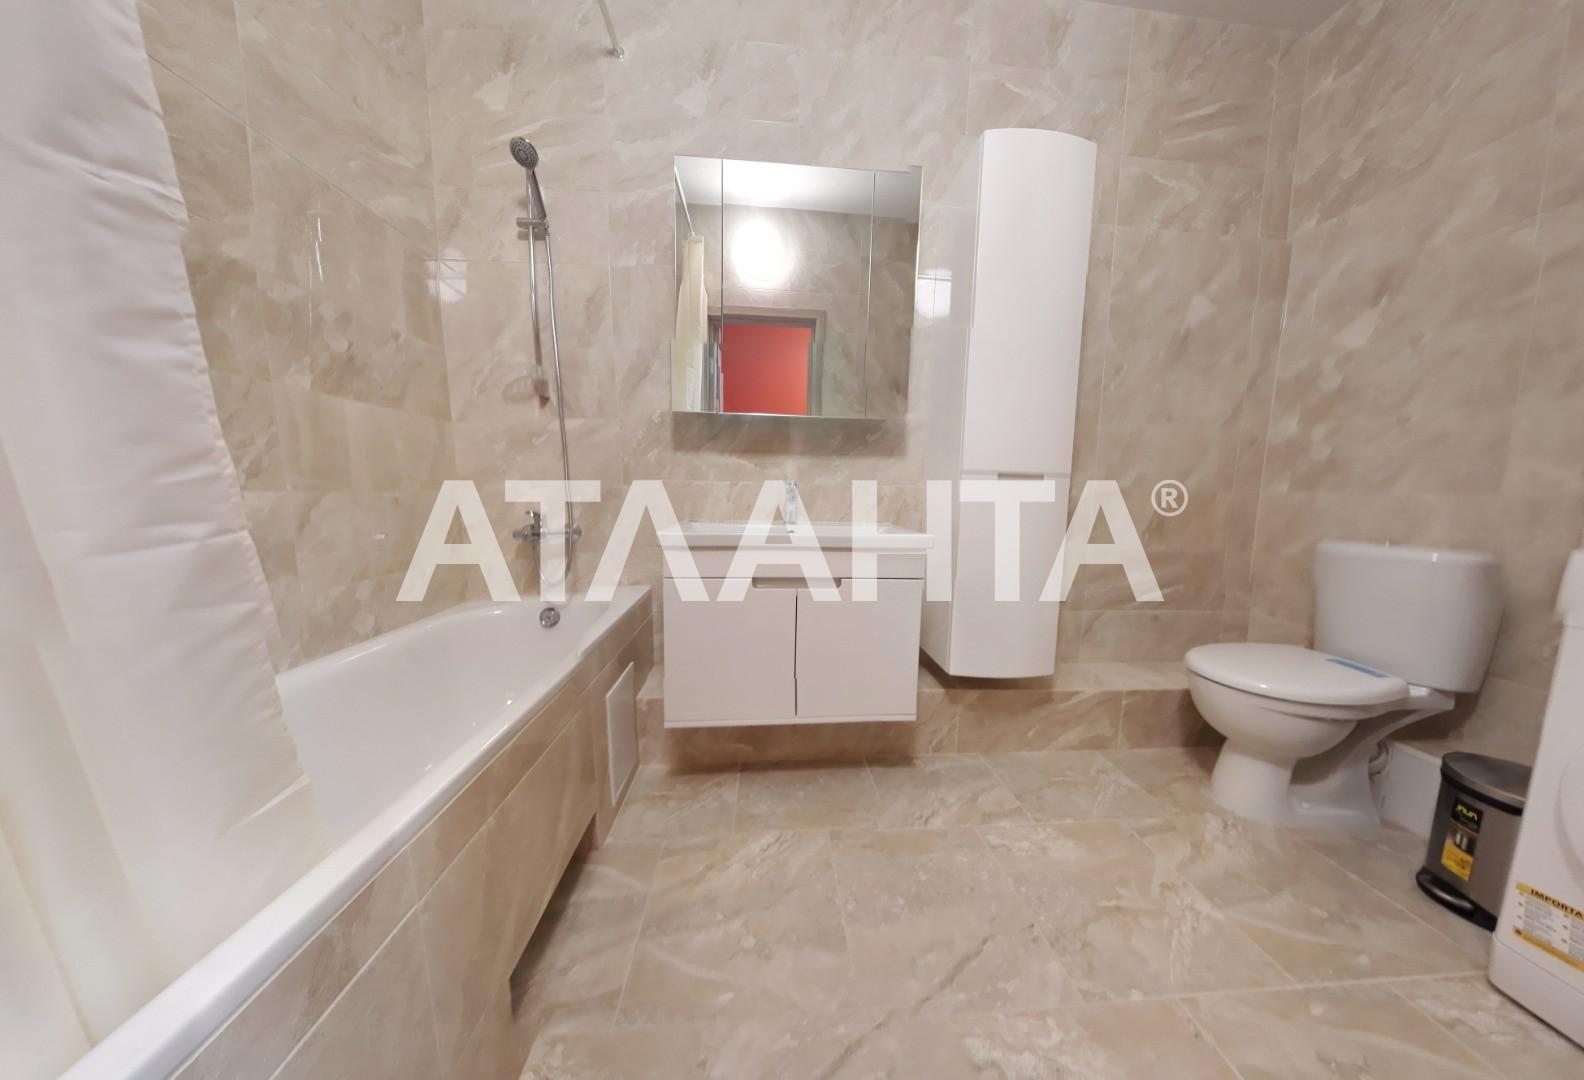 Продается 2-комнатная Квартира на ул. Академика Вильямса — 127 000 у.е. (фото №7)